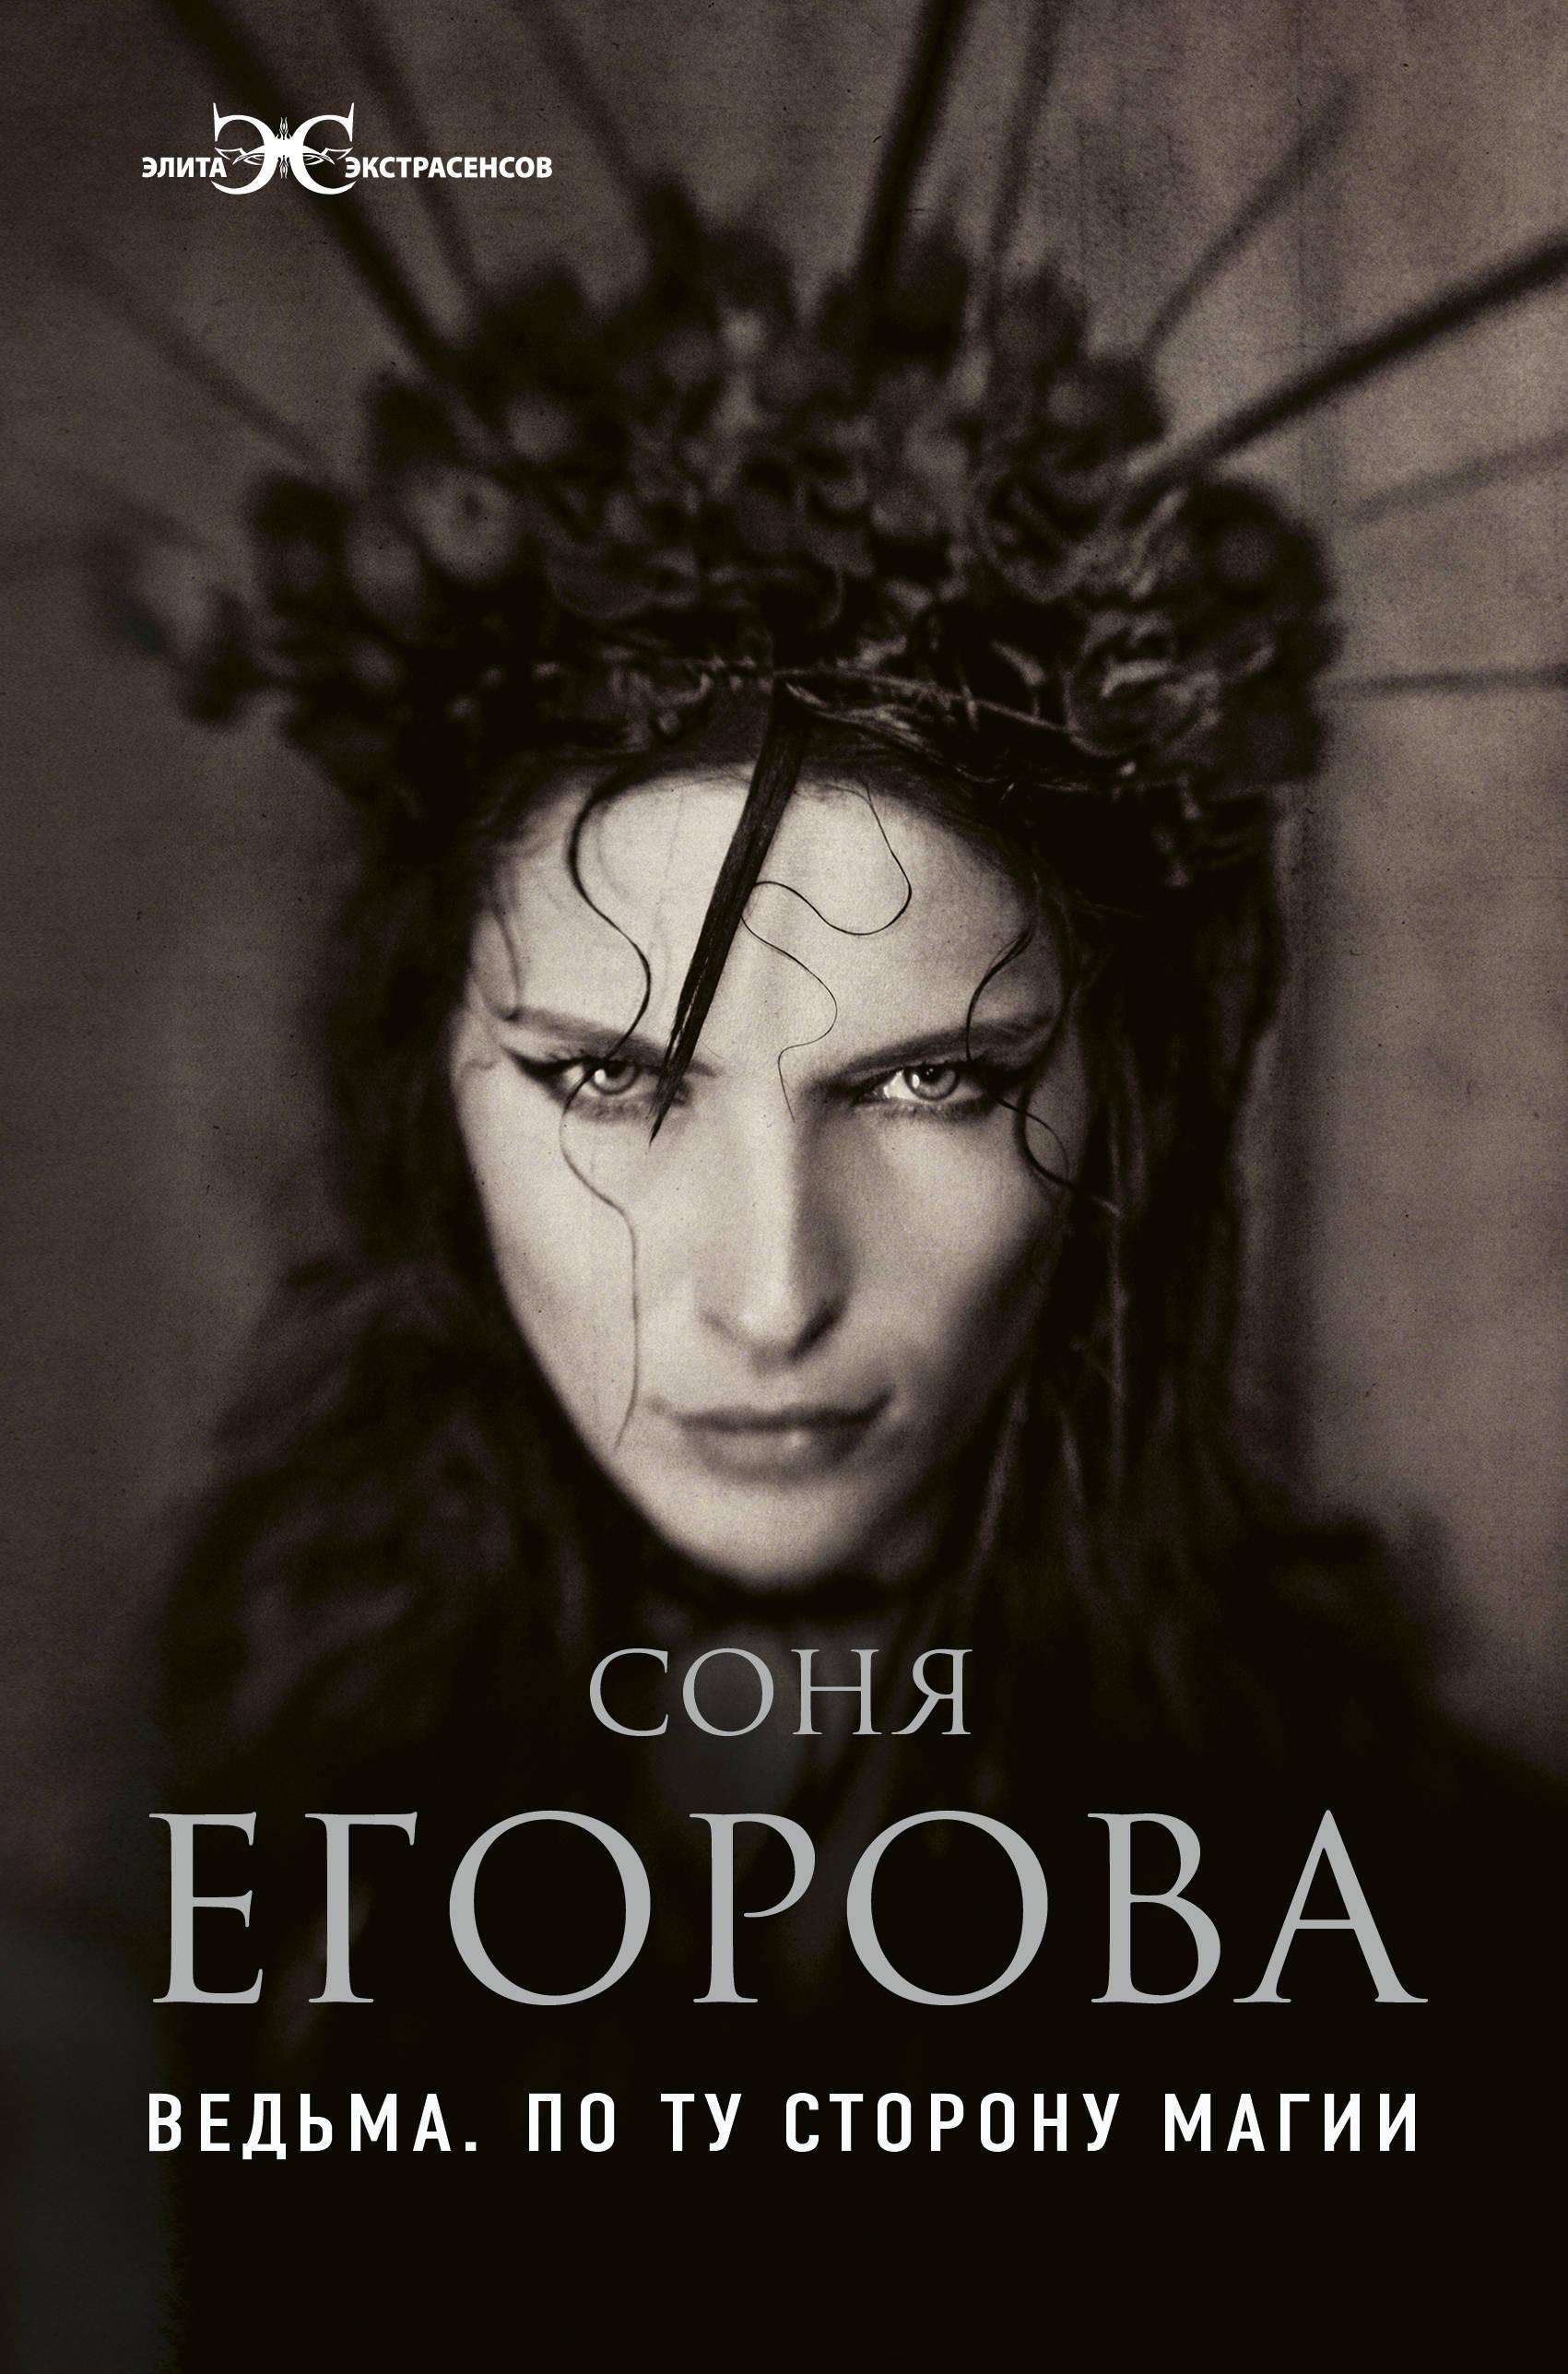 Егорова Софья Сергеевна Ведьма. По ту сторону магии